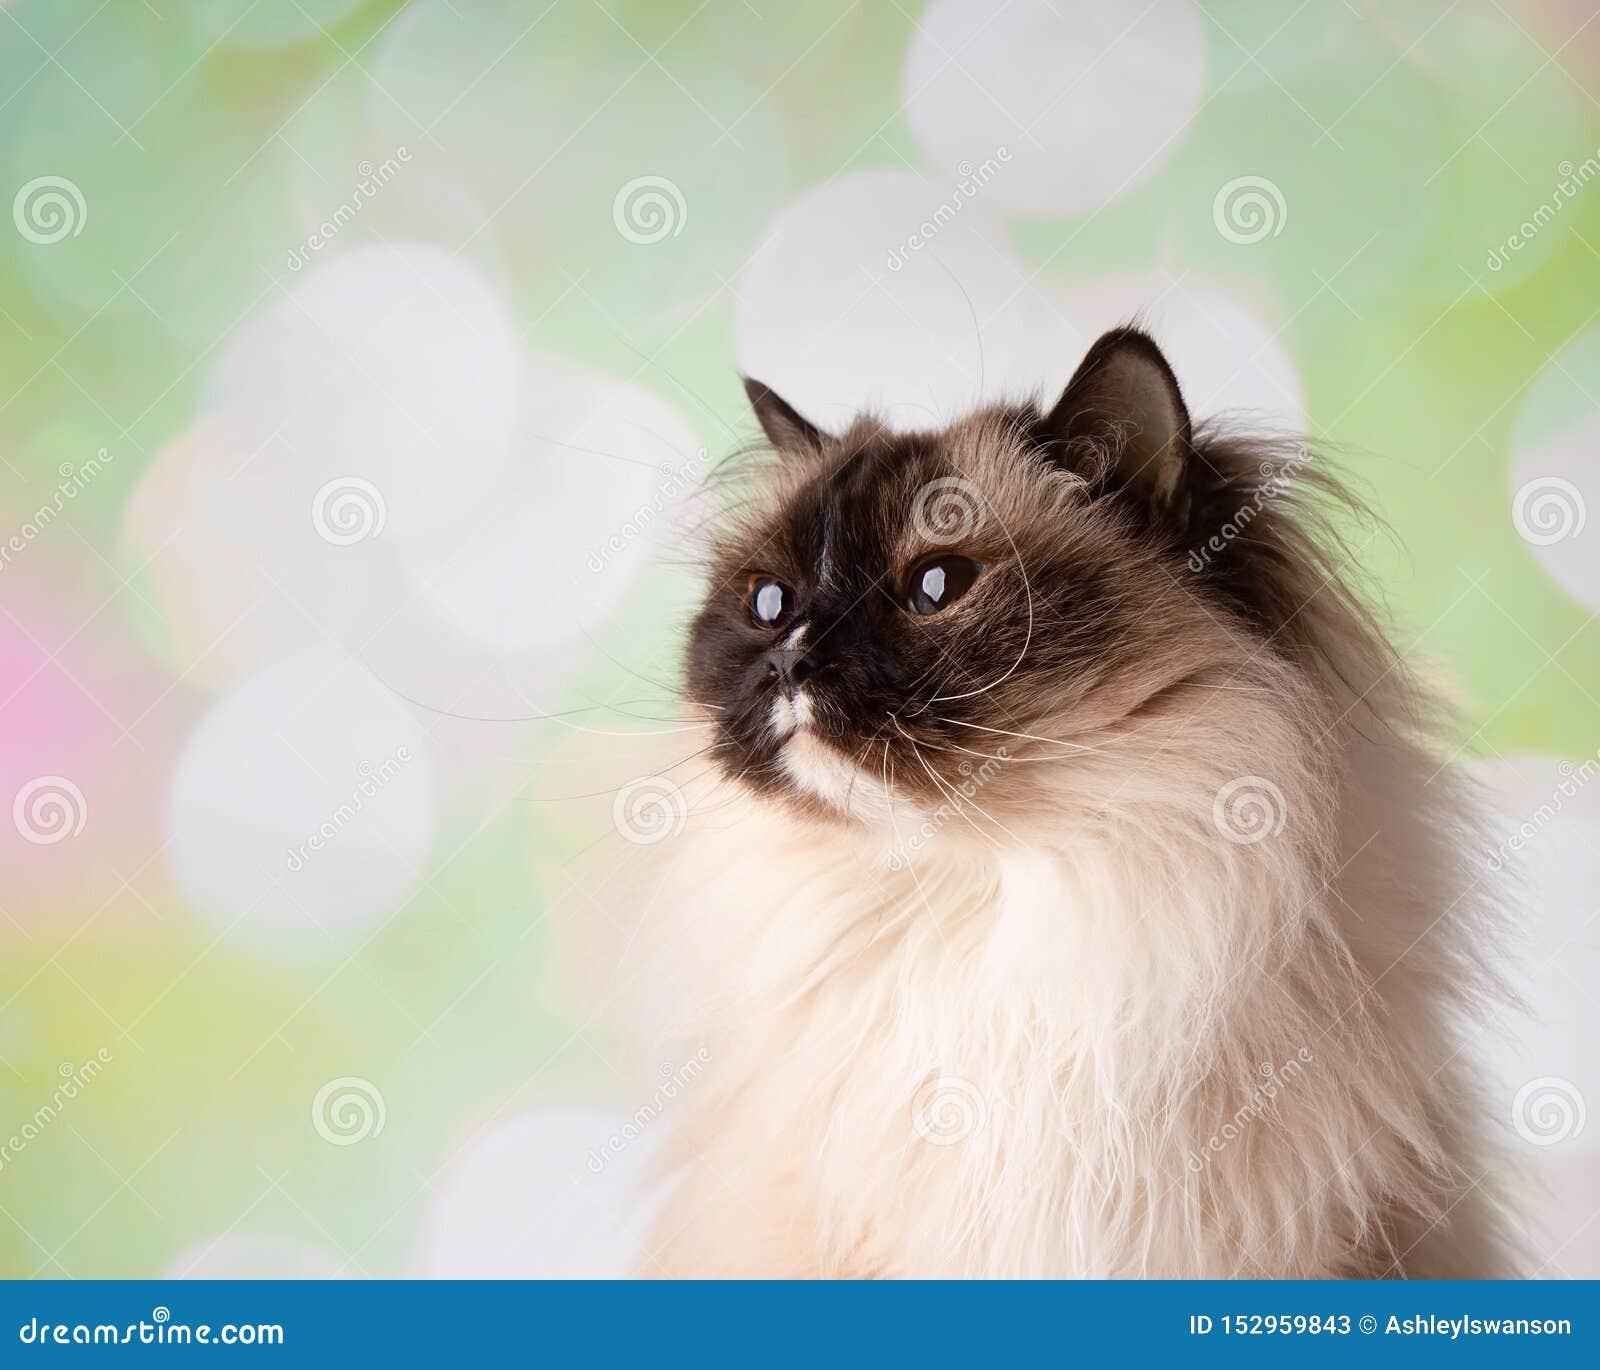 Raça Eyed azul Cat Close Up Face Looking de Ragdoll acima